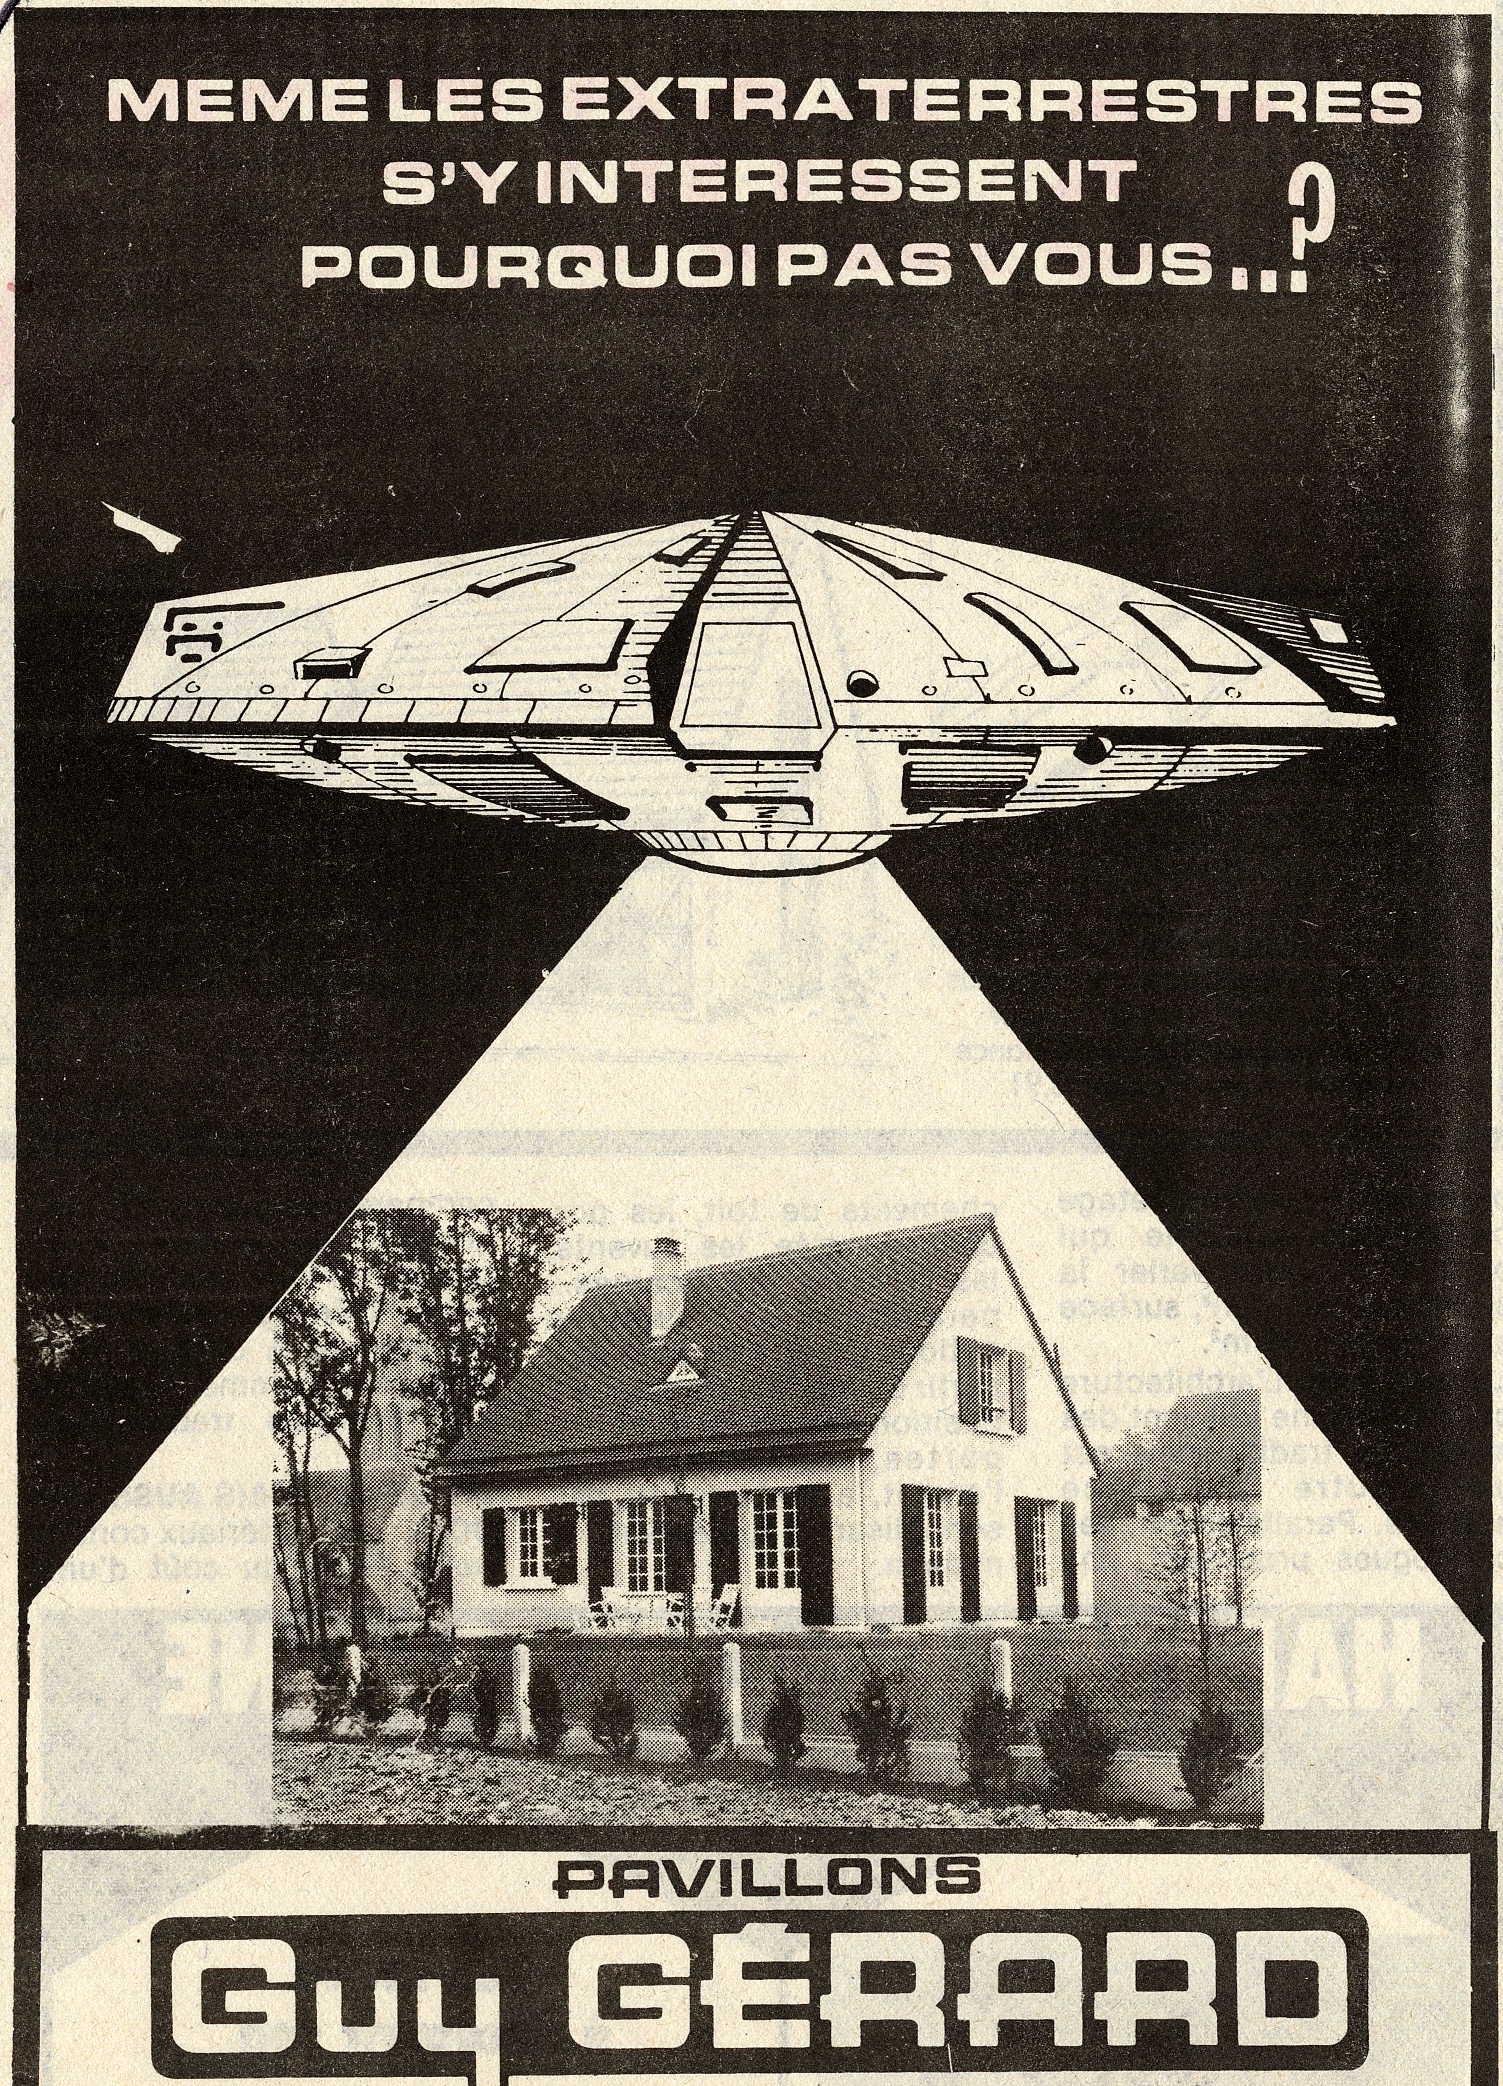 Même les extraterrestres s'y intéressent, pourquoi pas vous ?